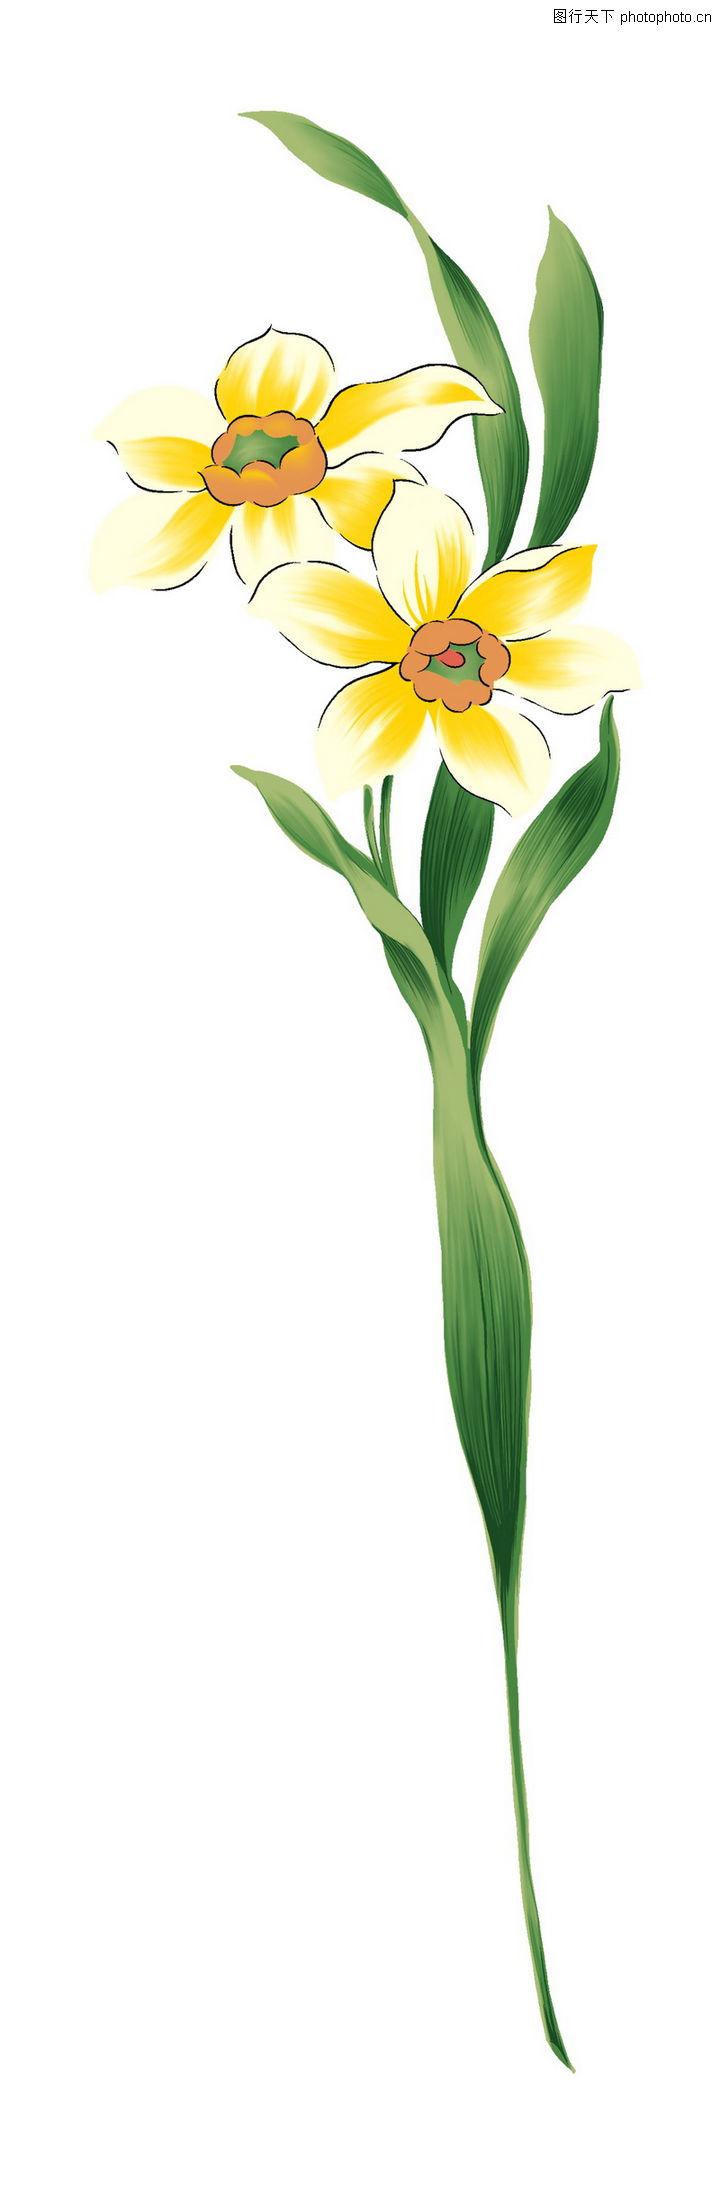 新潮色彩,精品花纹边框模板,一枝花,新潮色彩0037